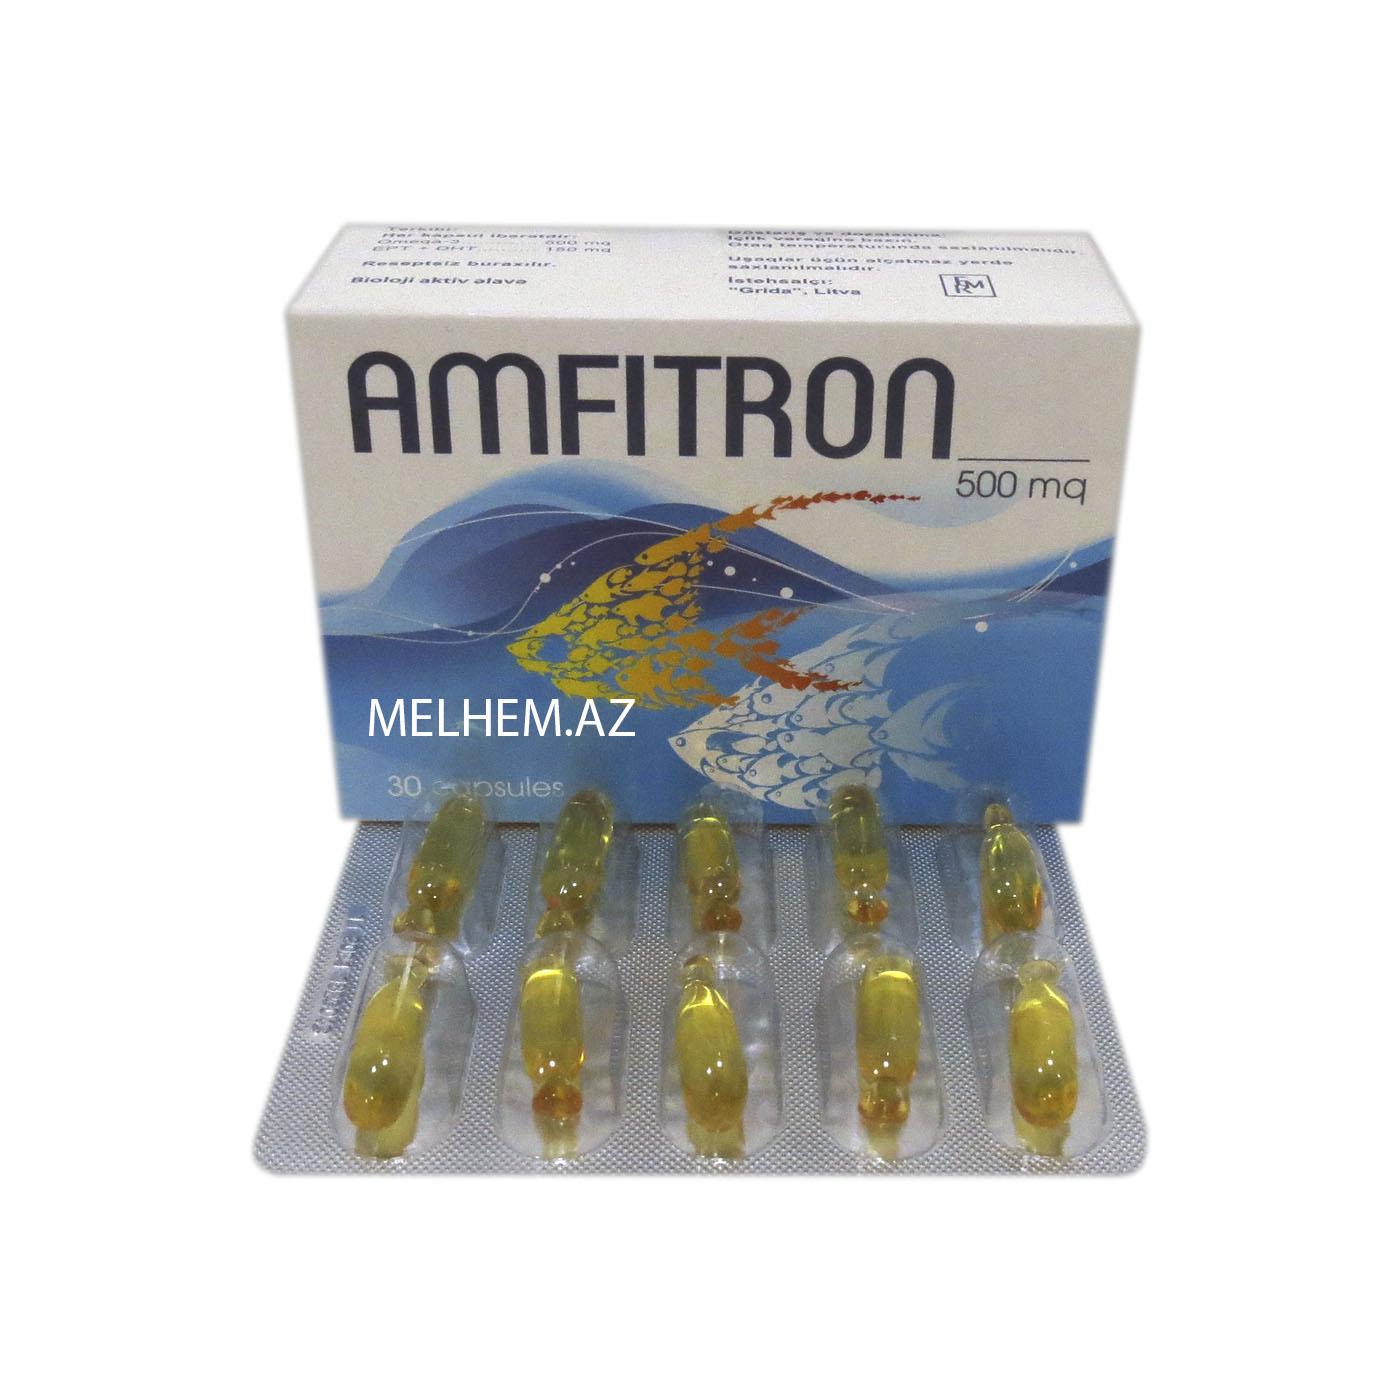 AMFITRON